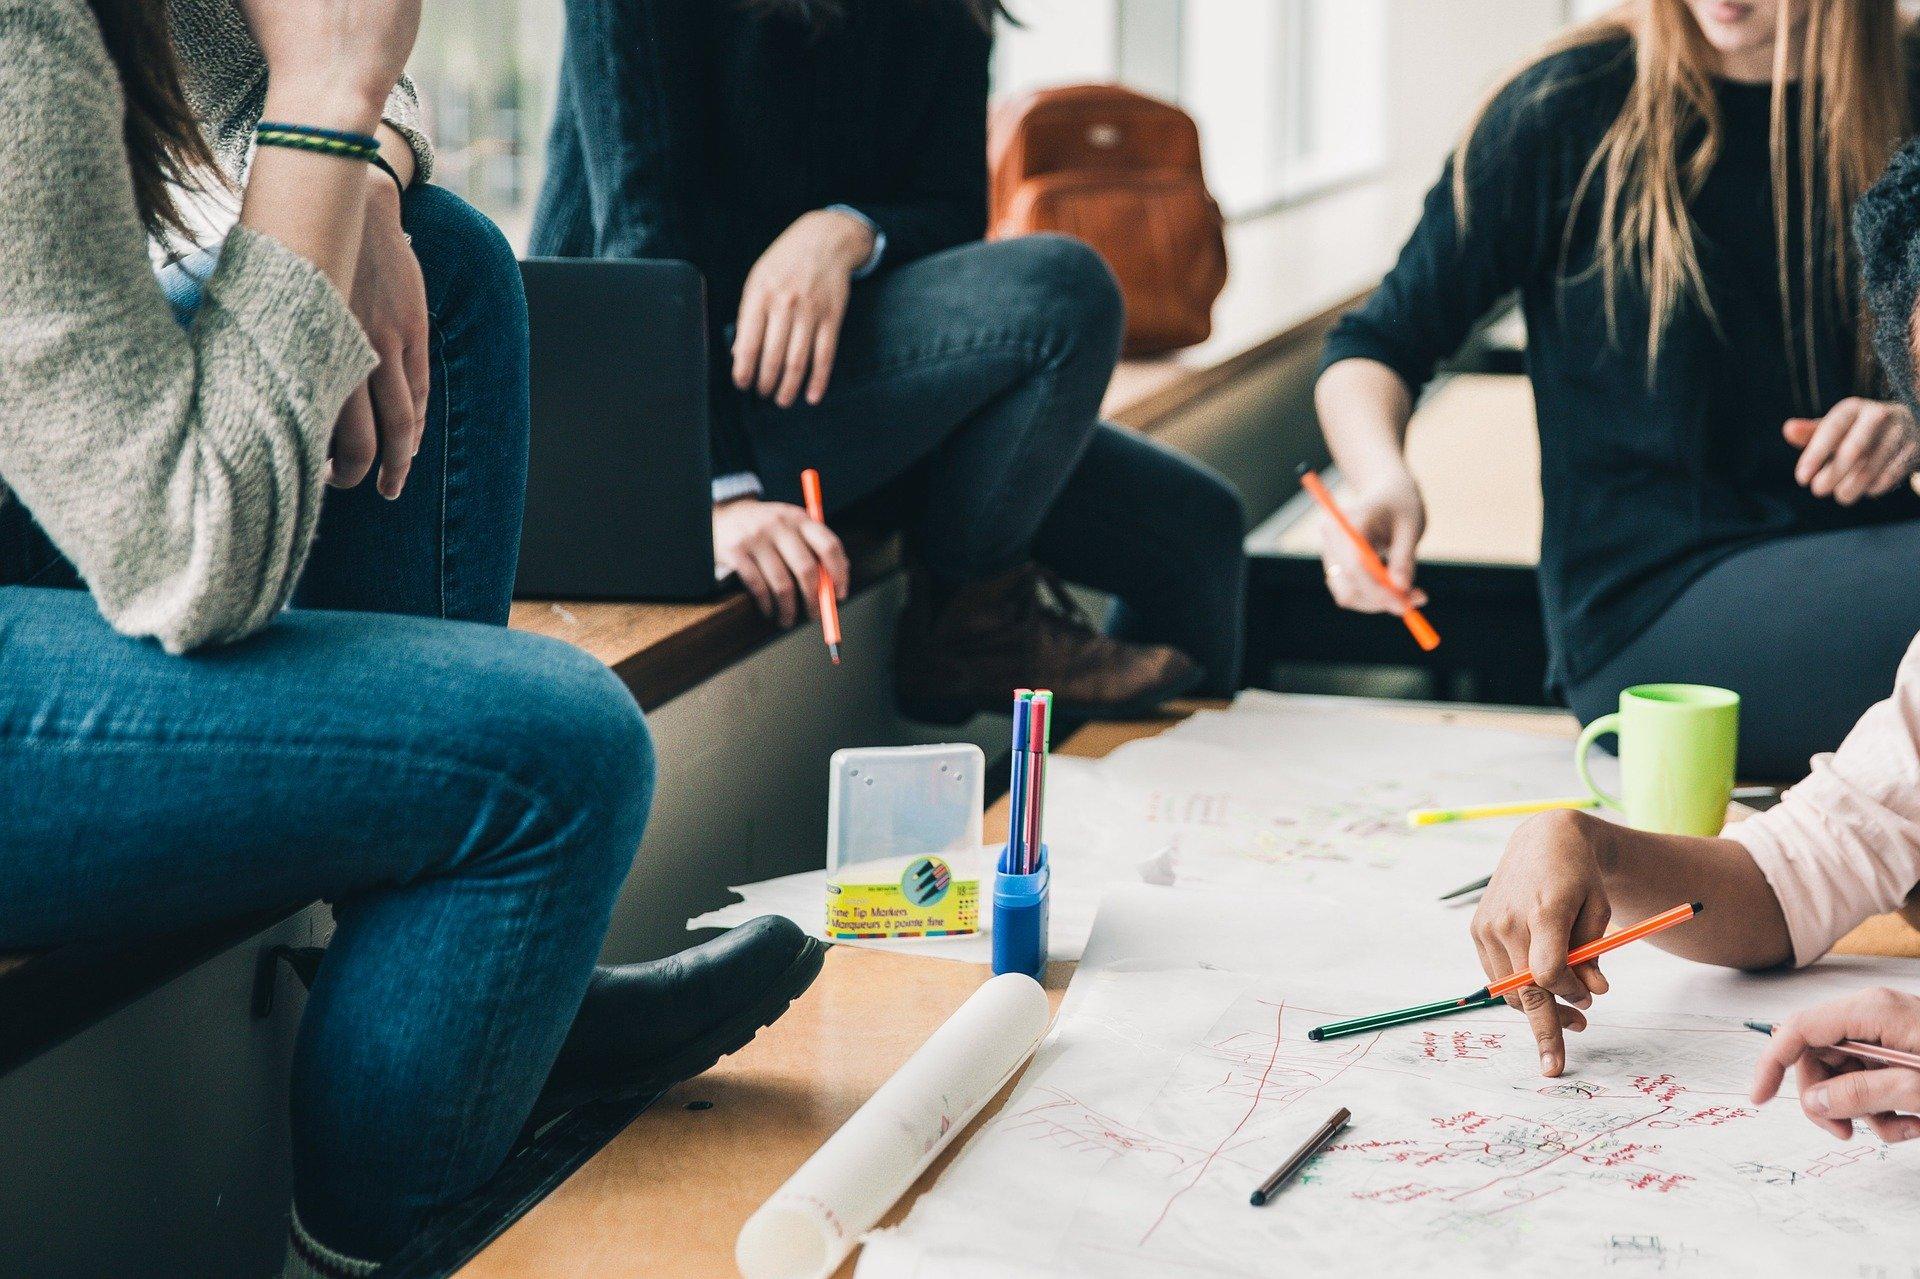 Nuoria pöydän ääressä tekemässä ryhmätyötä kynien ja paperin kanssa.